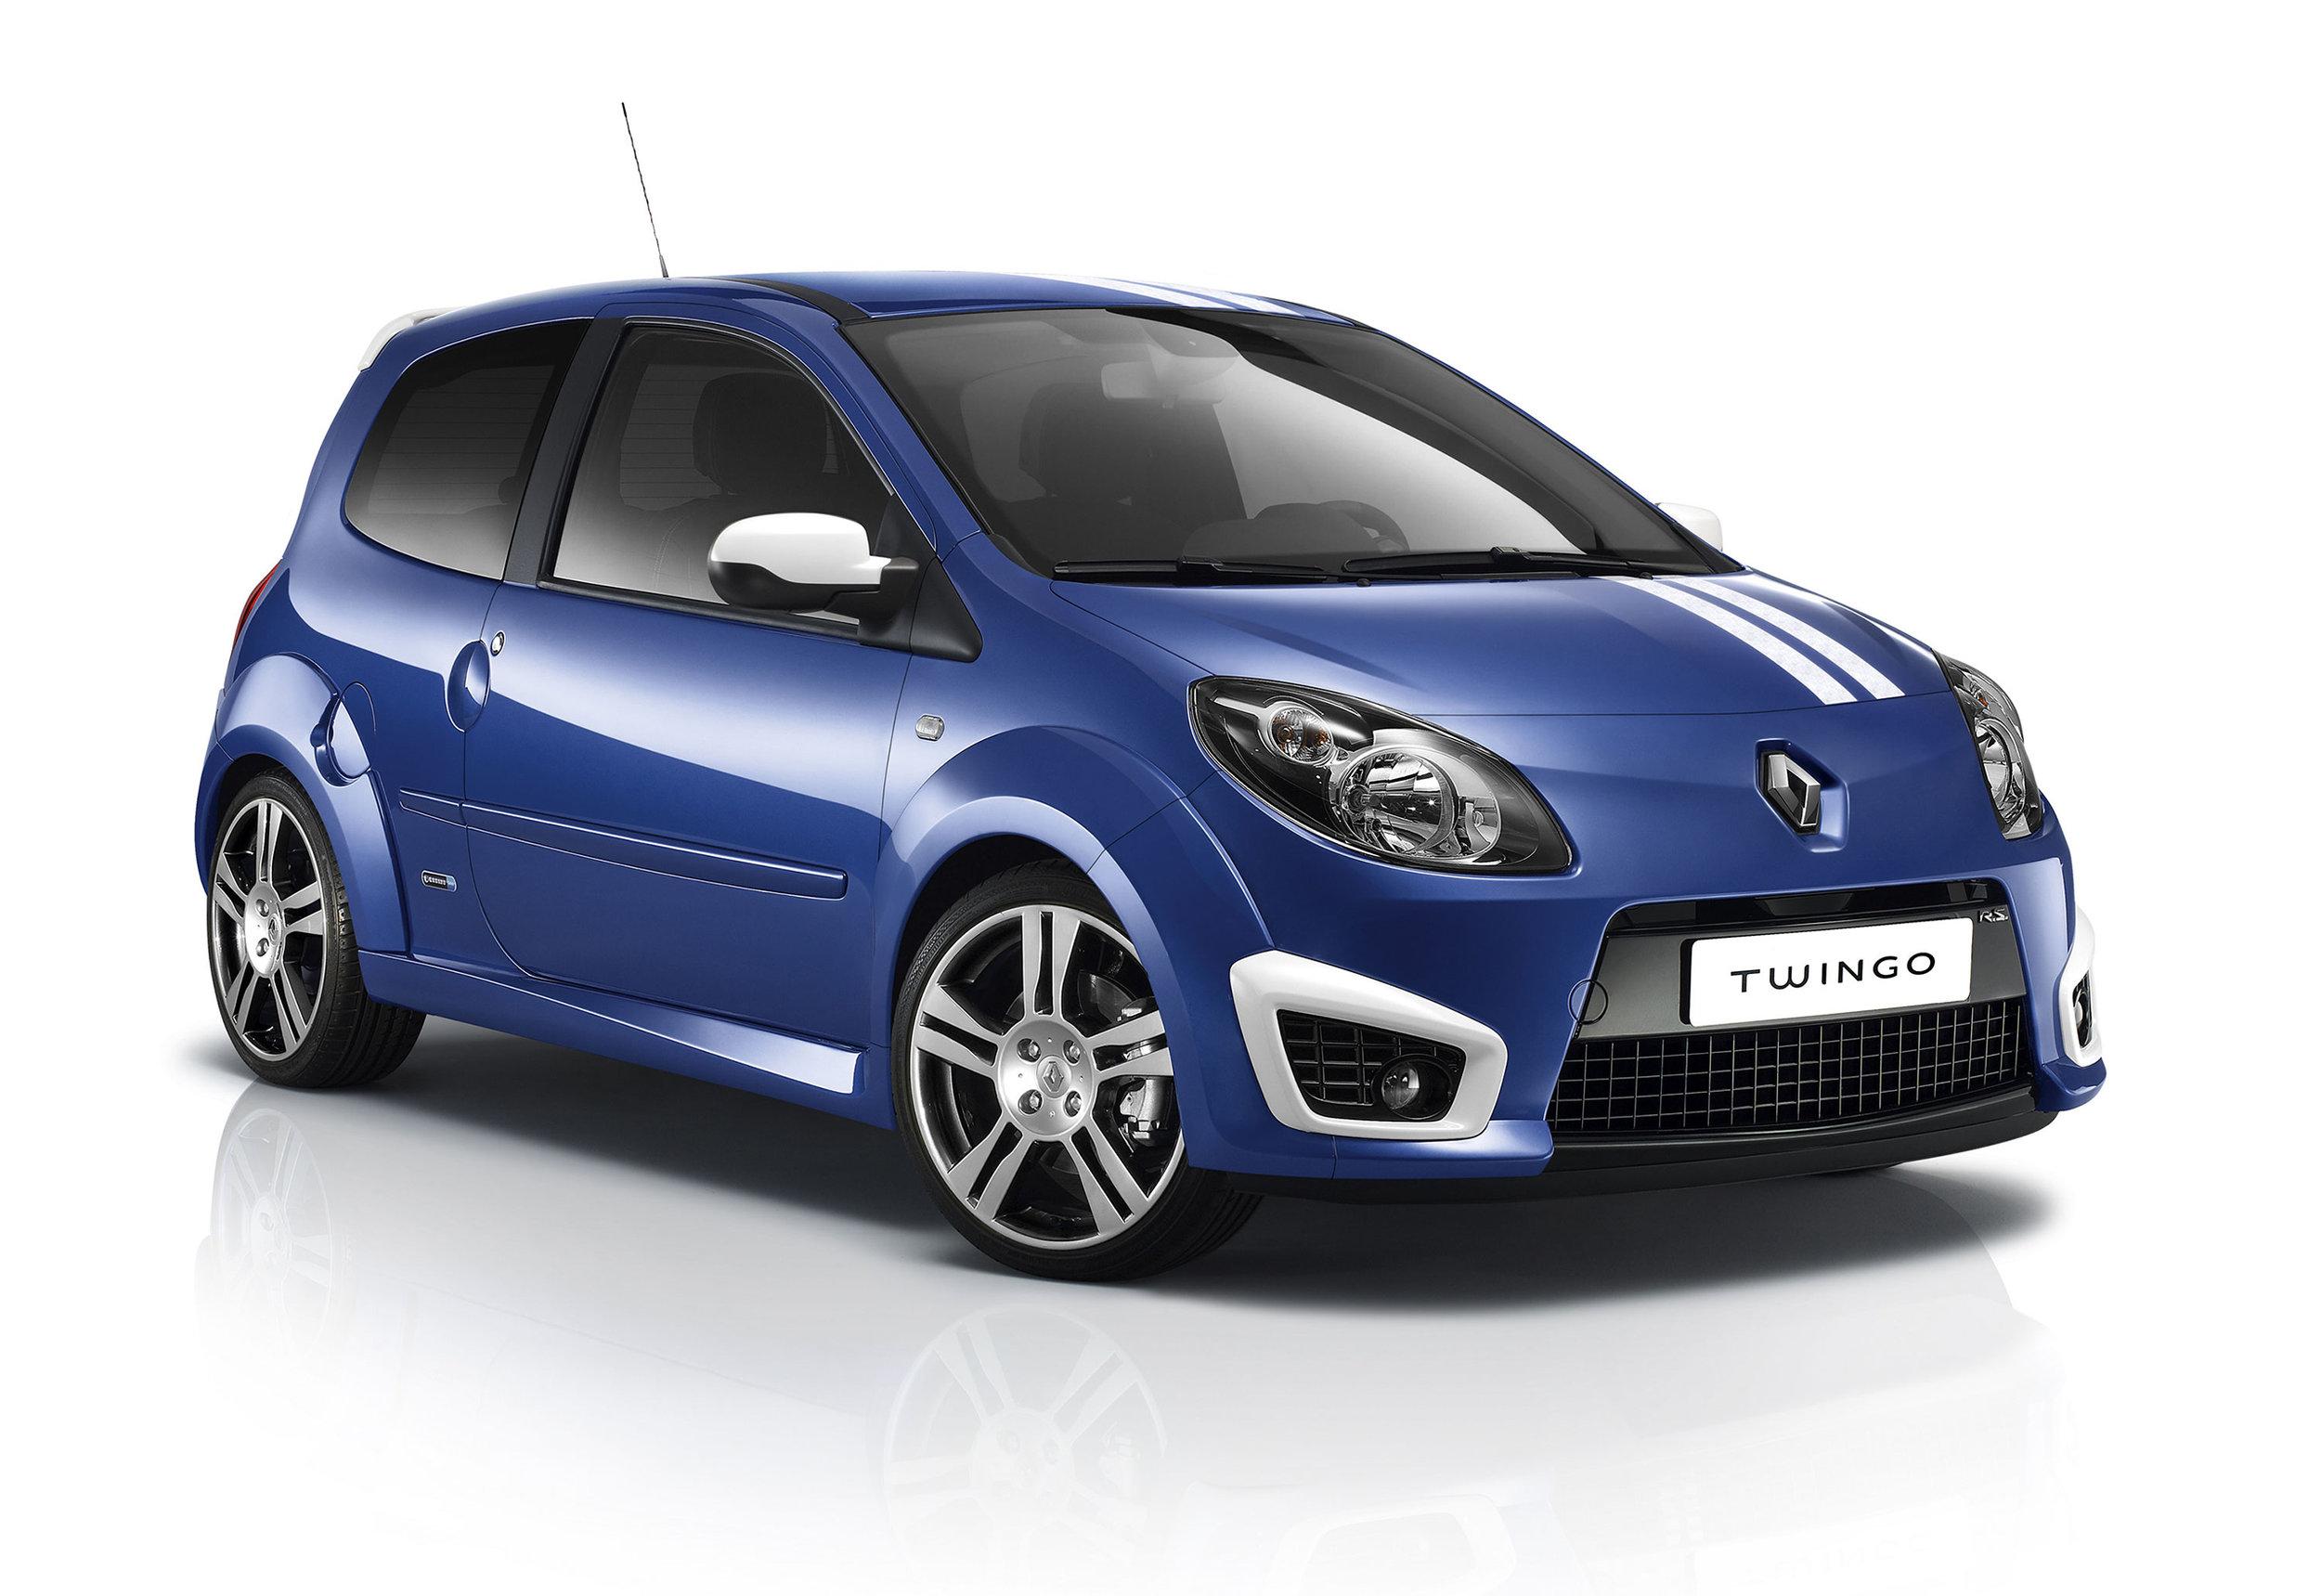 Renault-Twingo-04.jpg